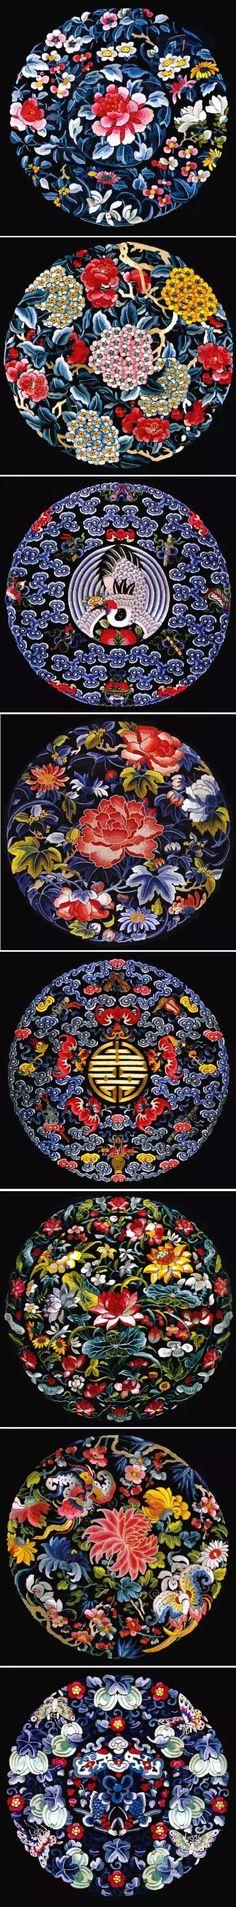 中国传统纹样,美的想收藏